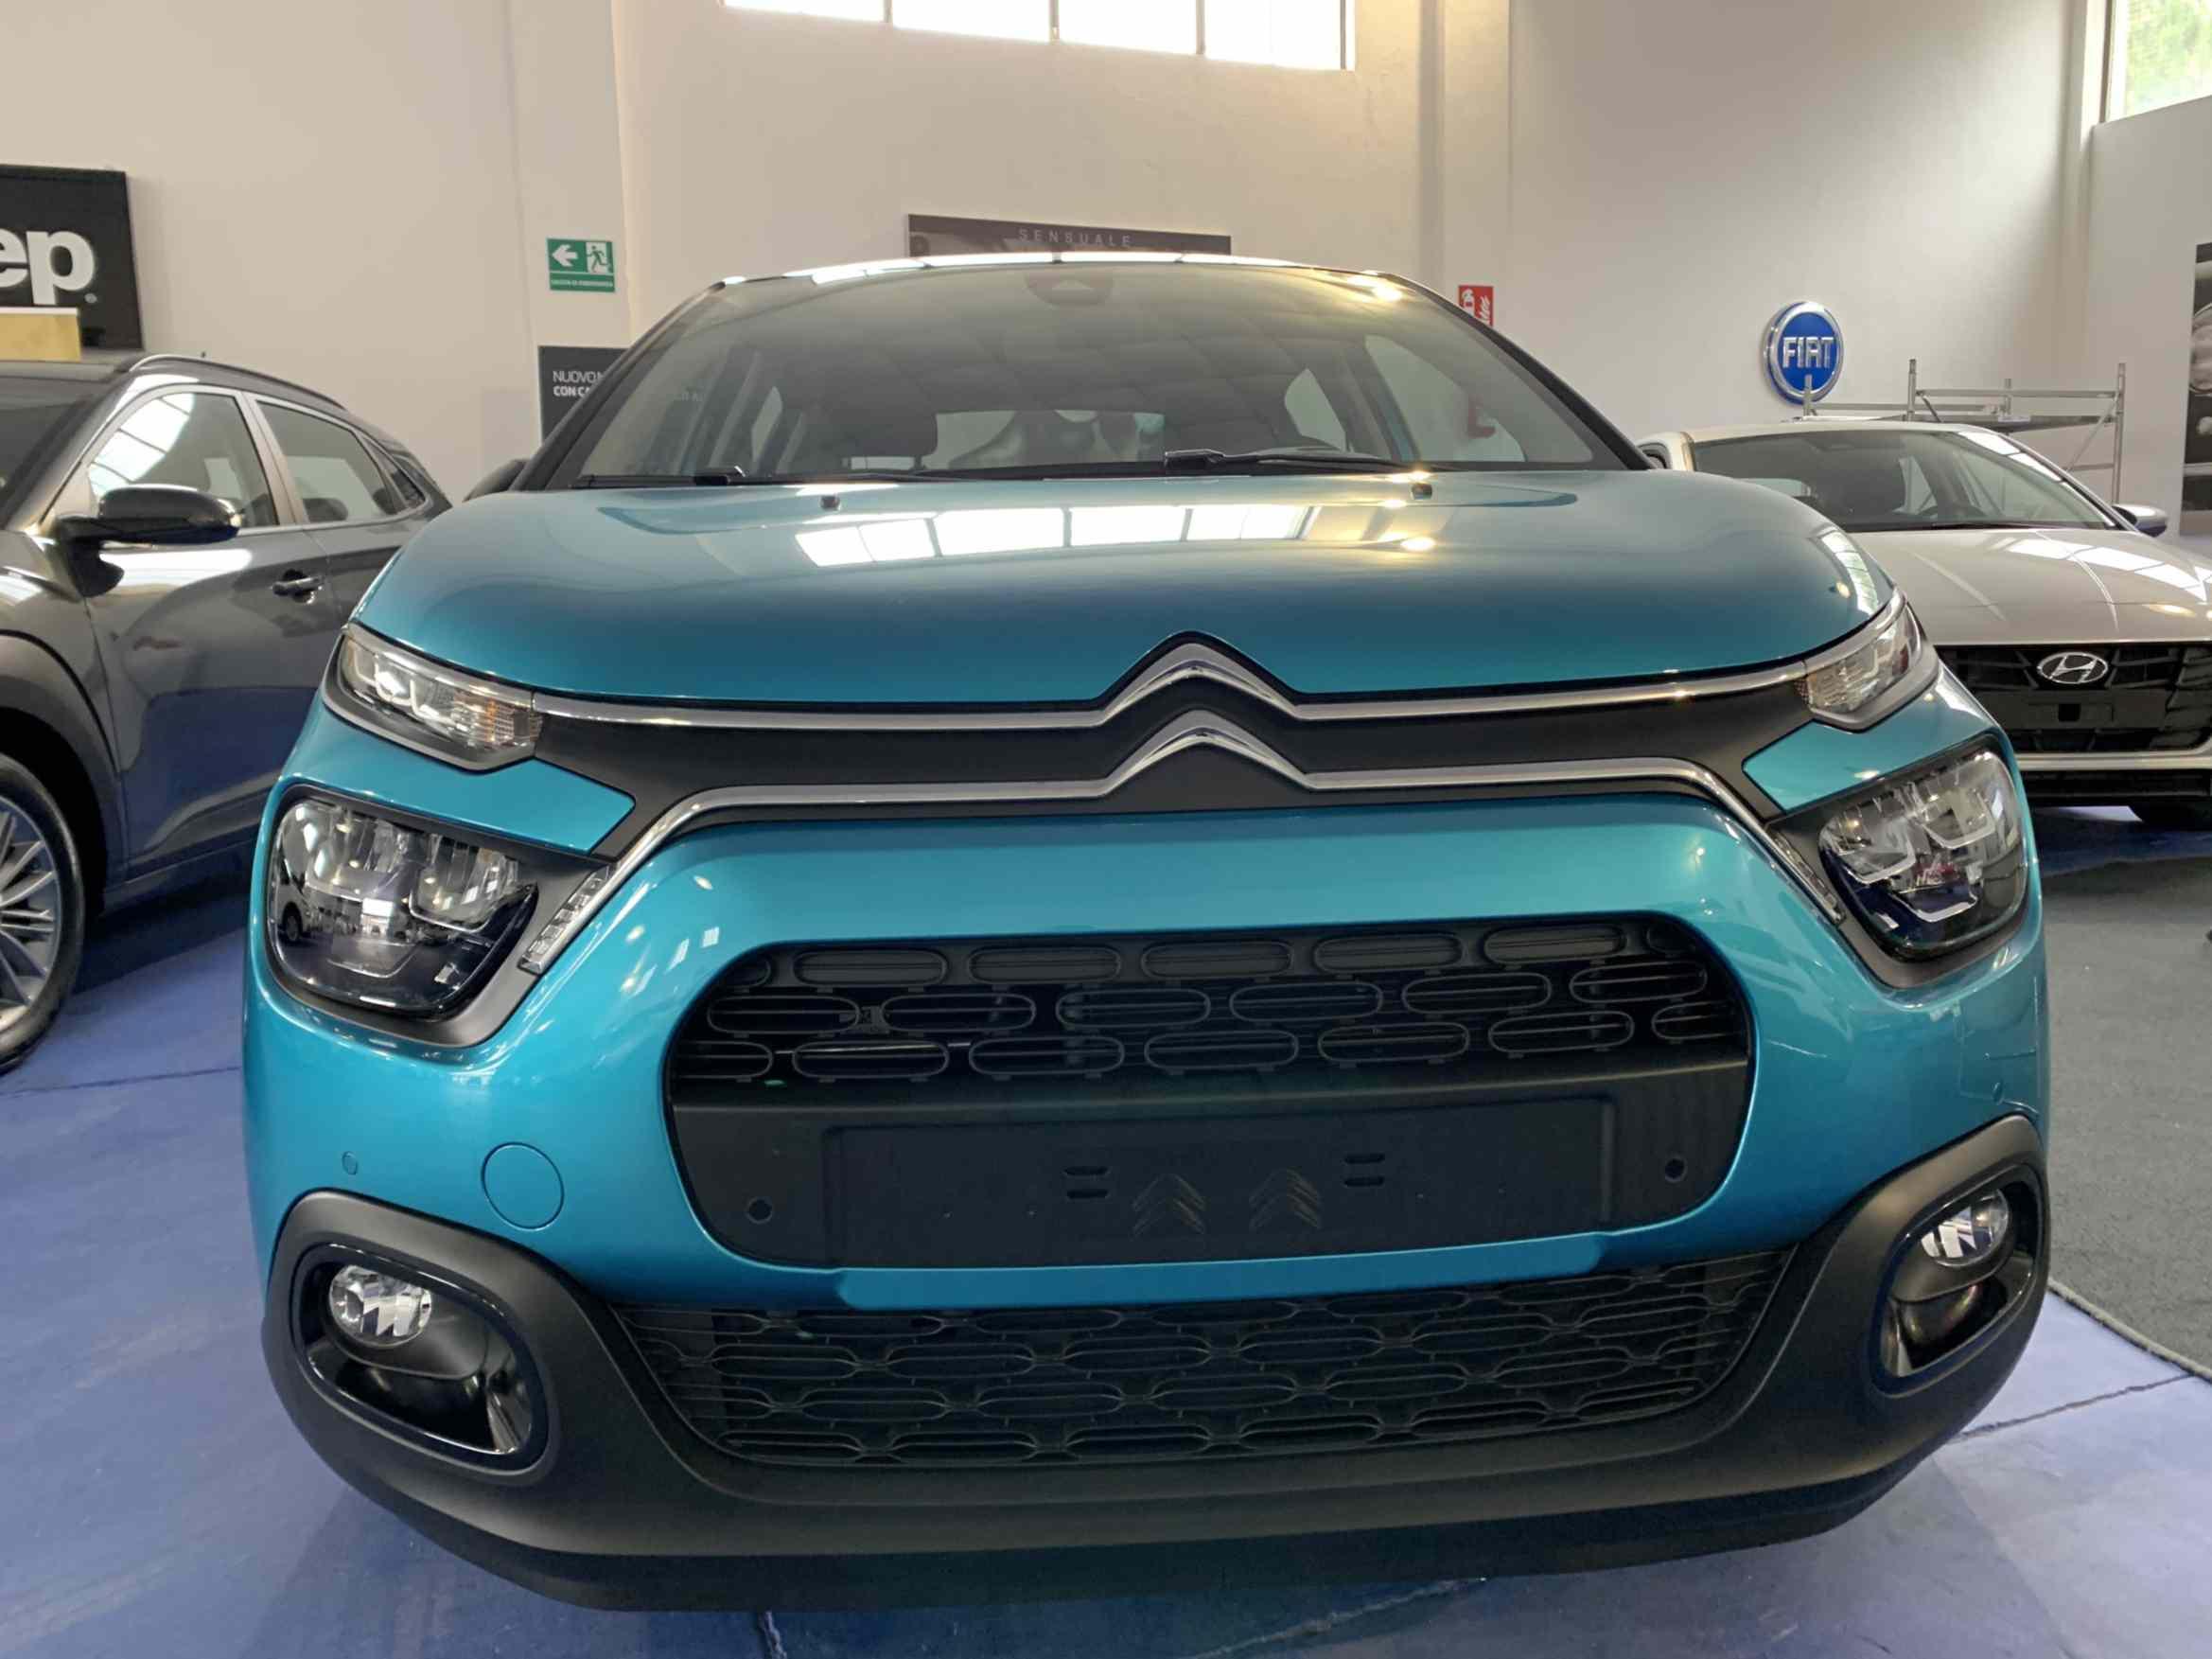 premium_vendita_auto_enna_sicilia_8